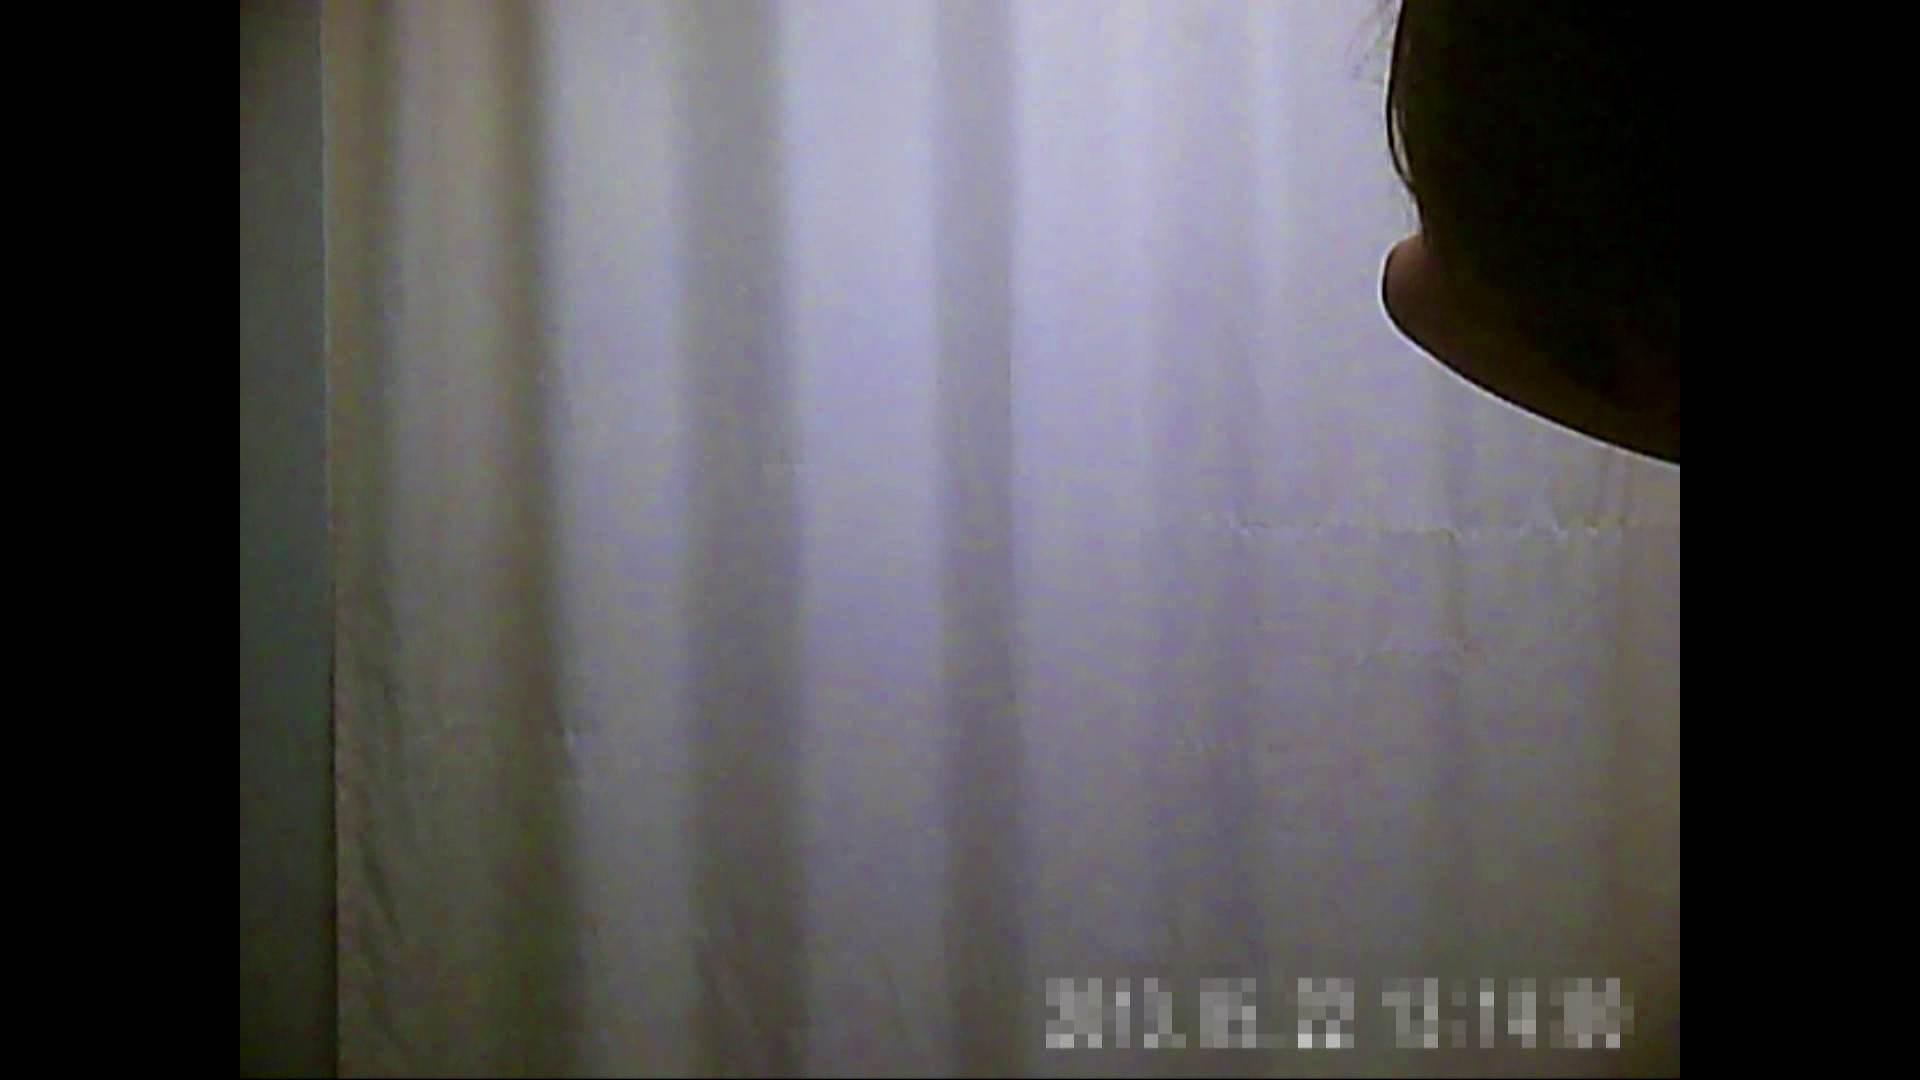 元医者による反抗 更衣室地獄絵巻 vol.045 エッチなお姉さん ワレメ動画紹介 103画像 44